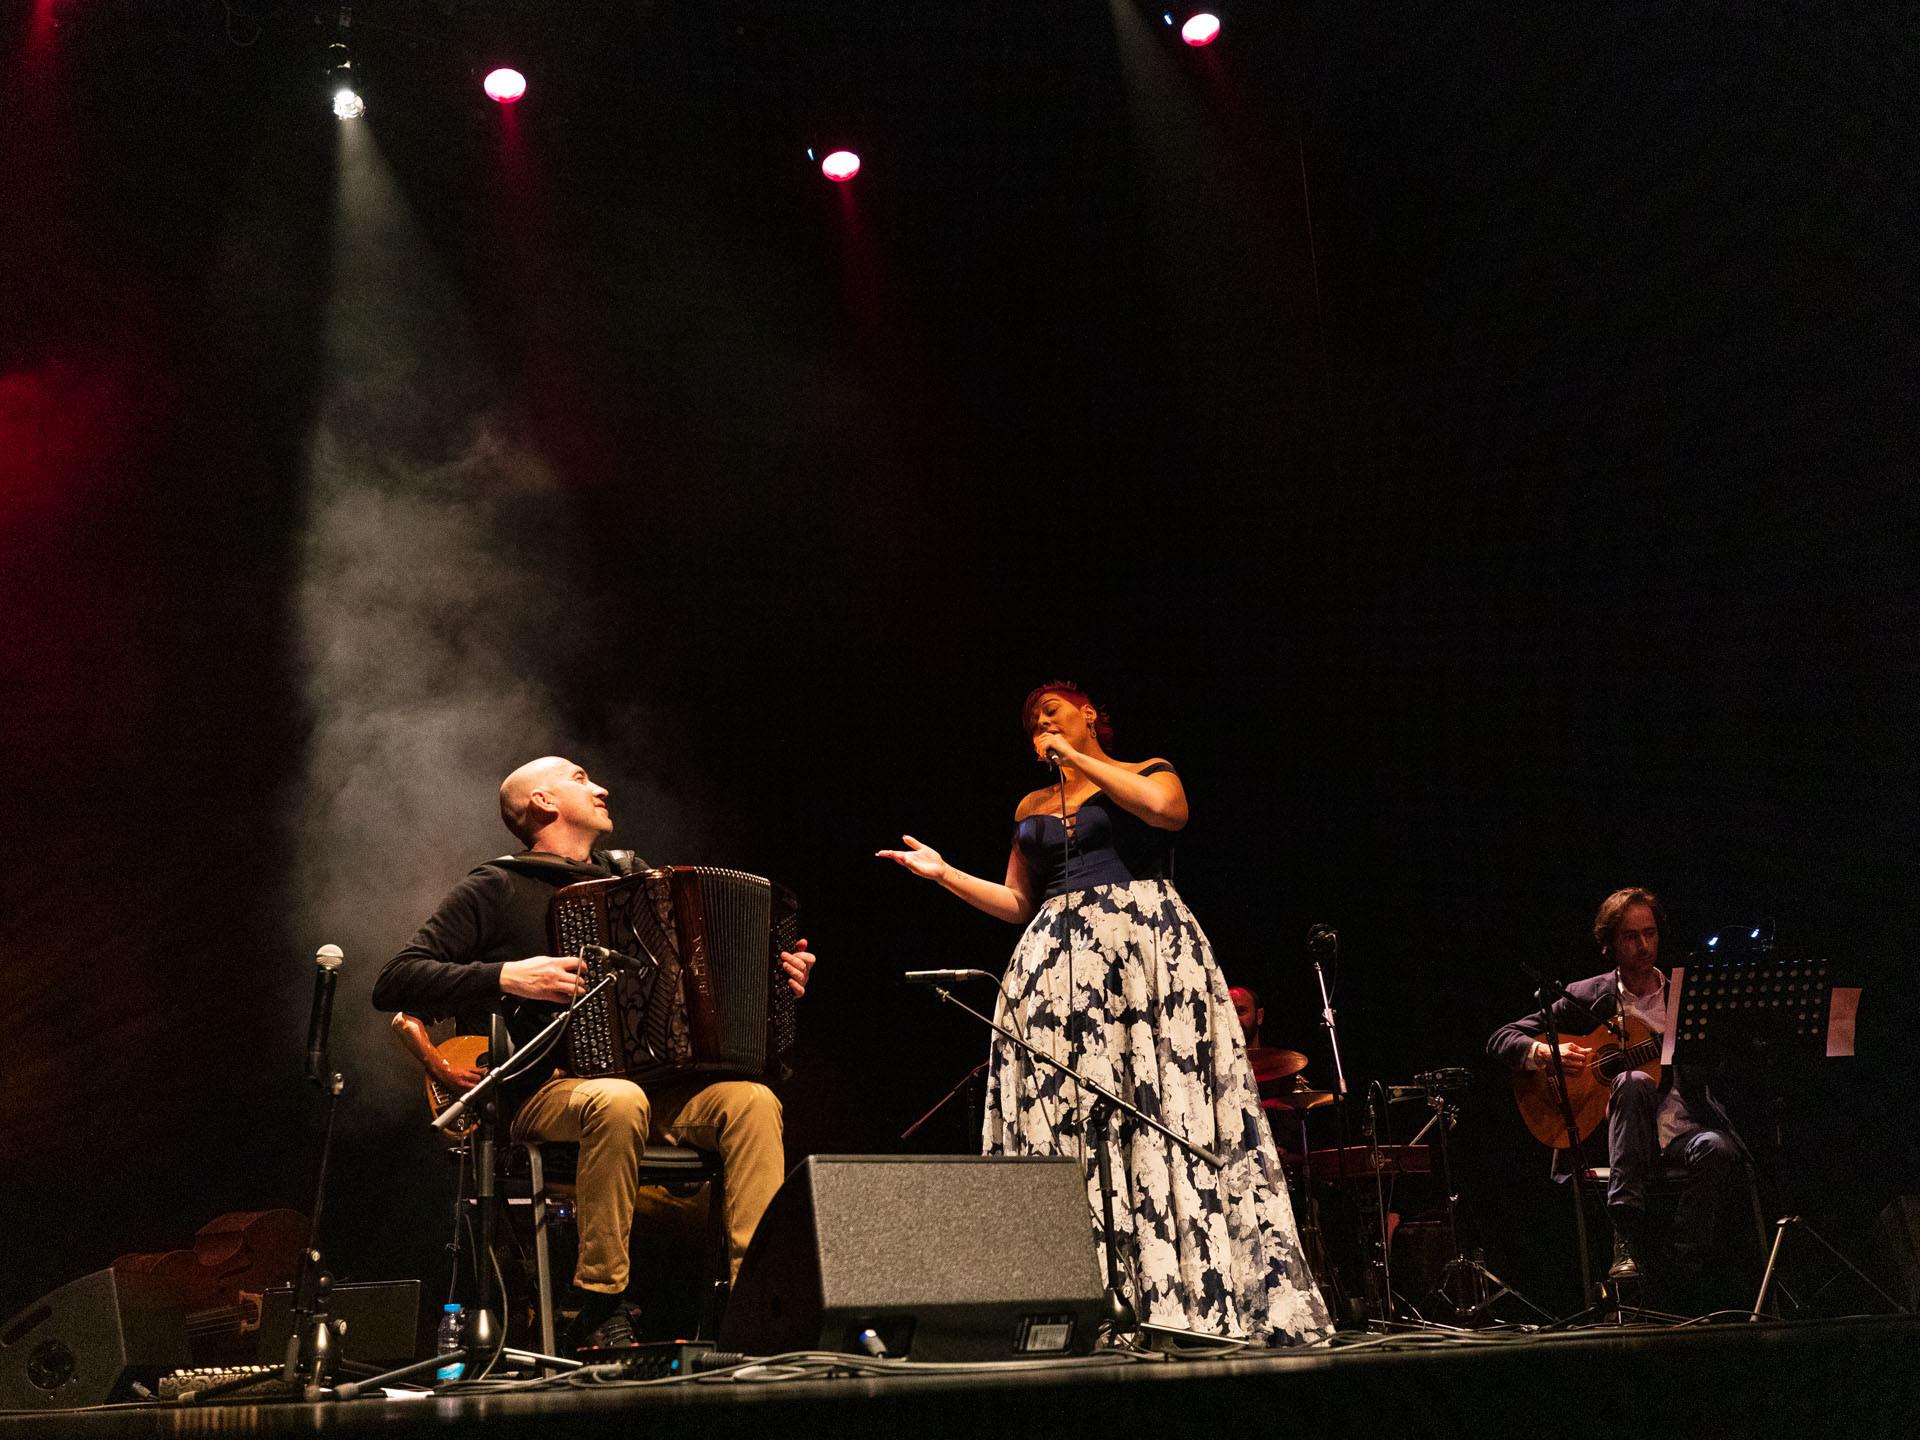 Nelson Conceição e Melissa Simplício